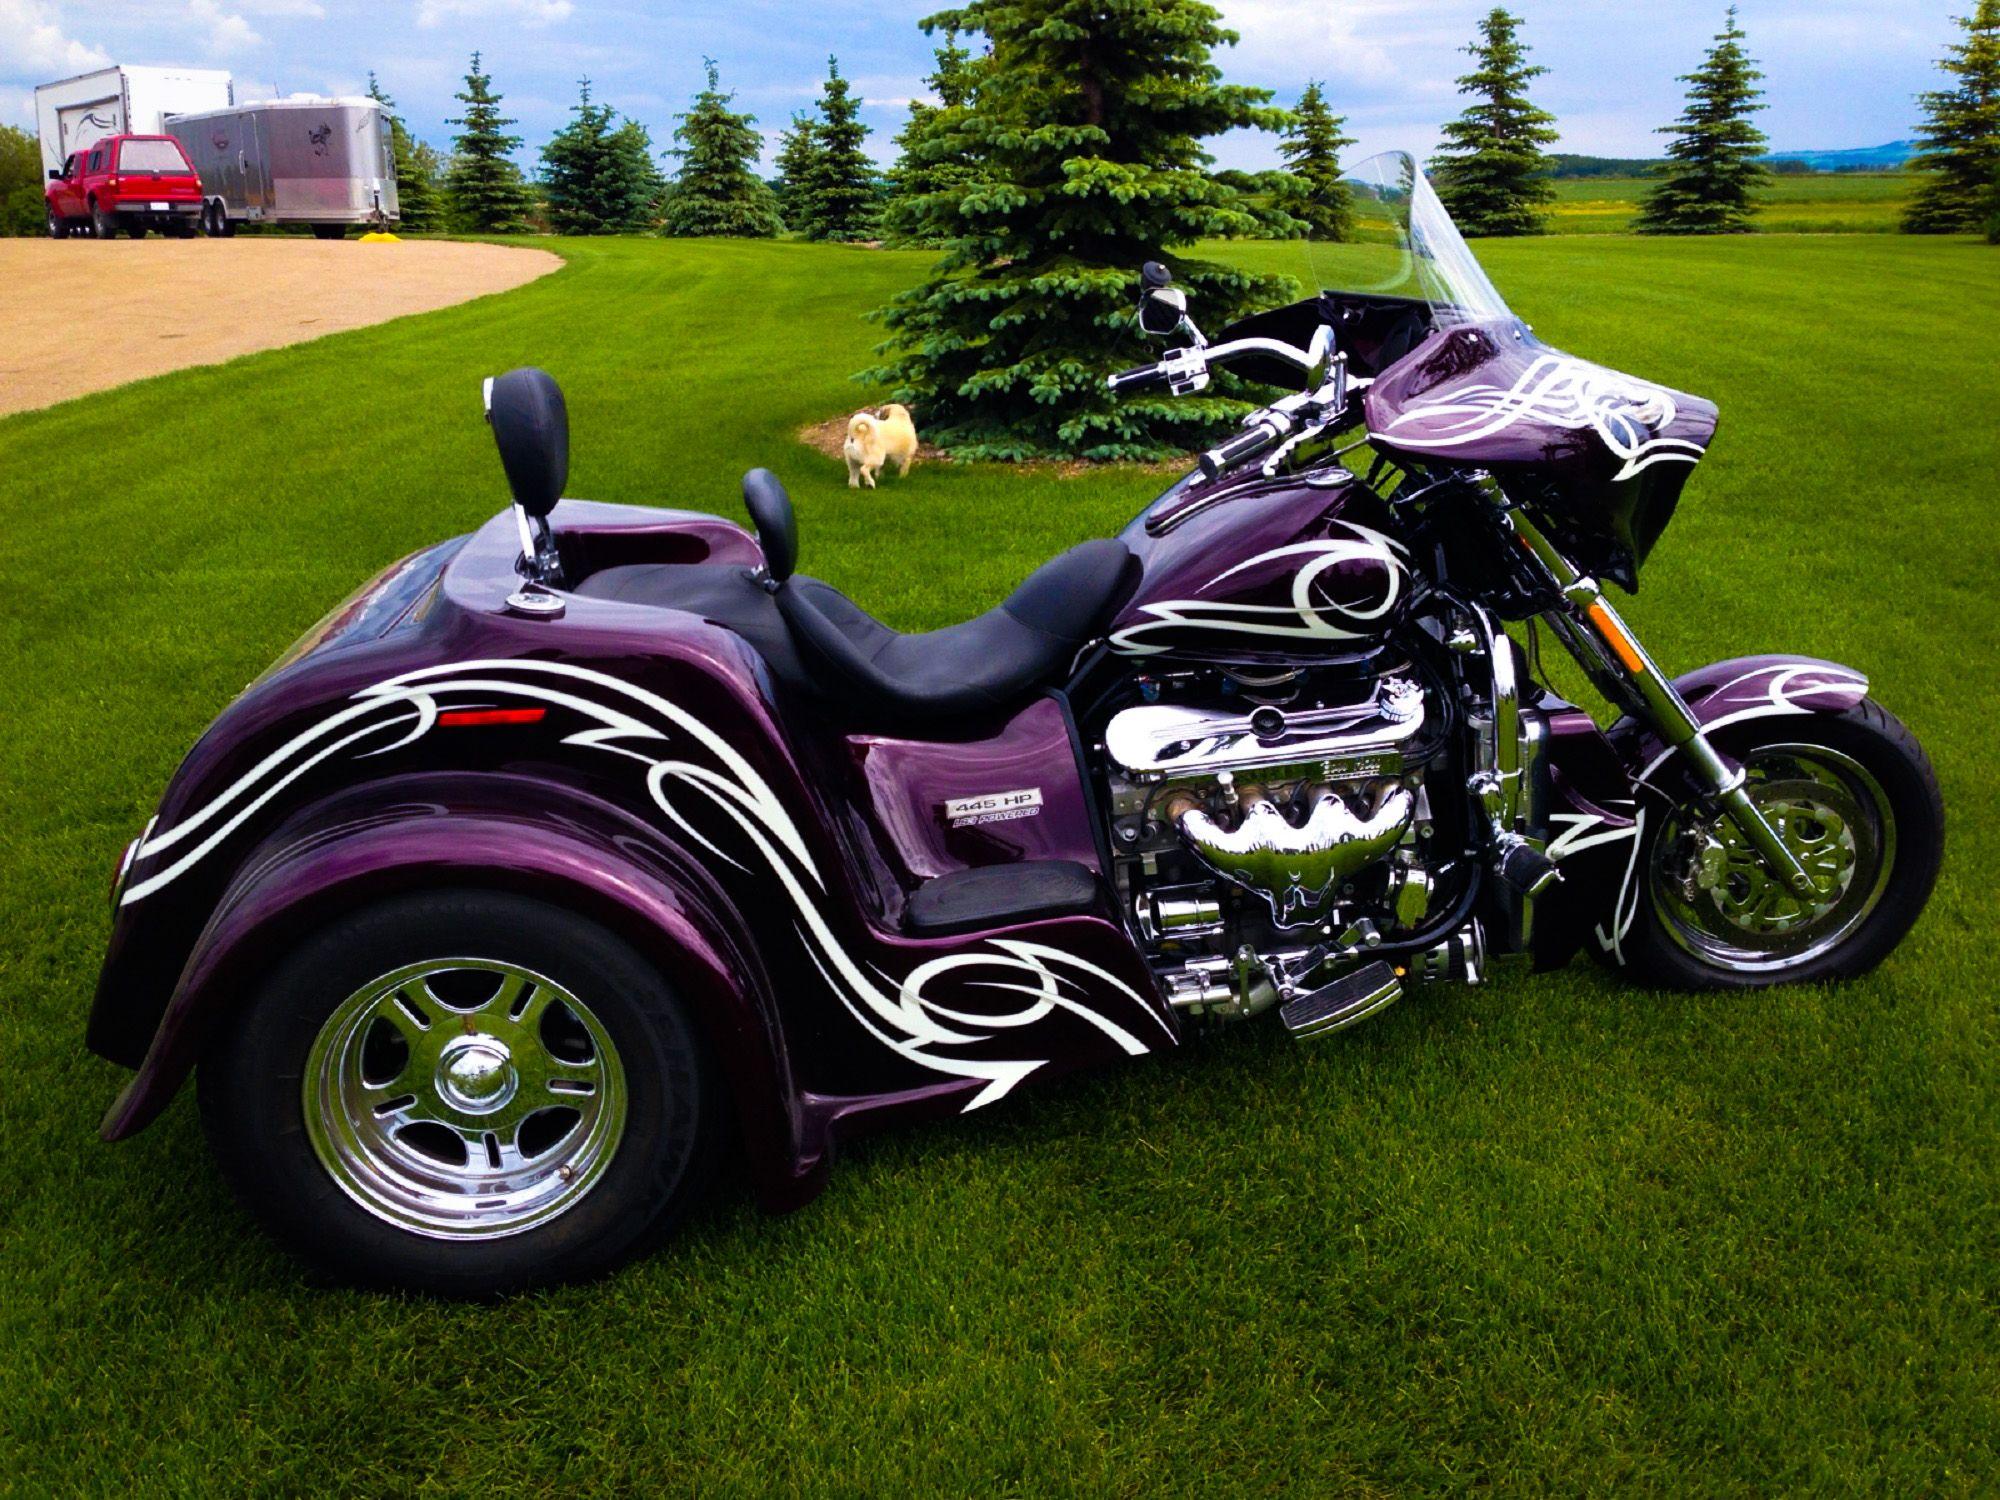 Boss Hog Motorcycle Trikes : Boss hoss v trike pixshark images galleries